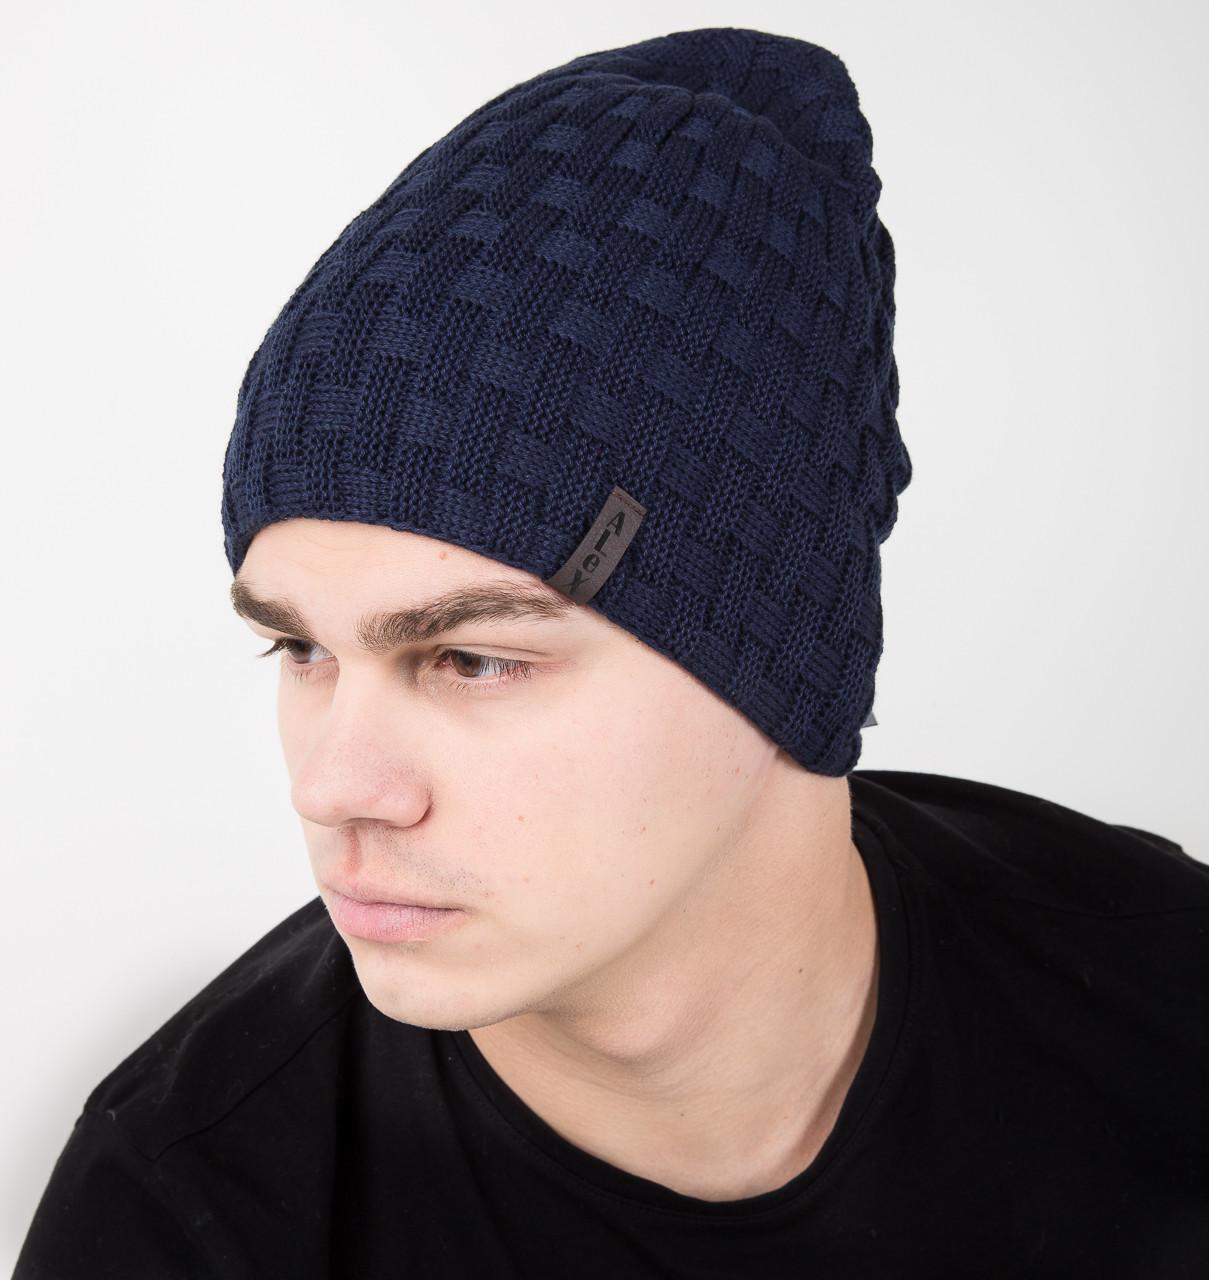 Мужская шапка чулок двусторонняя на флисе - Артикул AL17027(o)